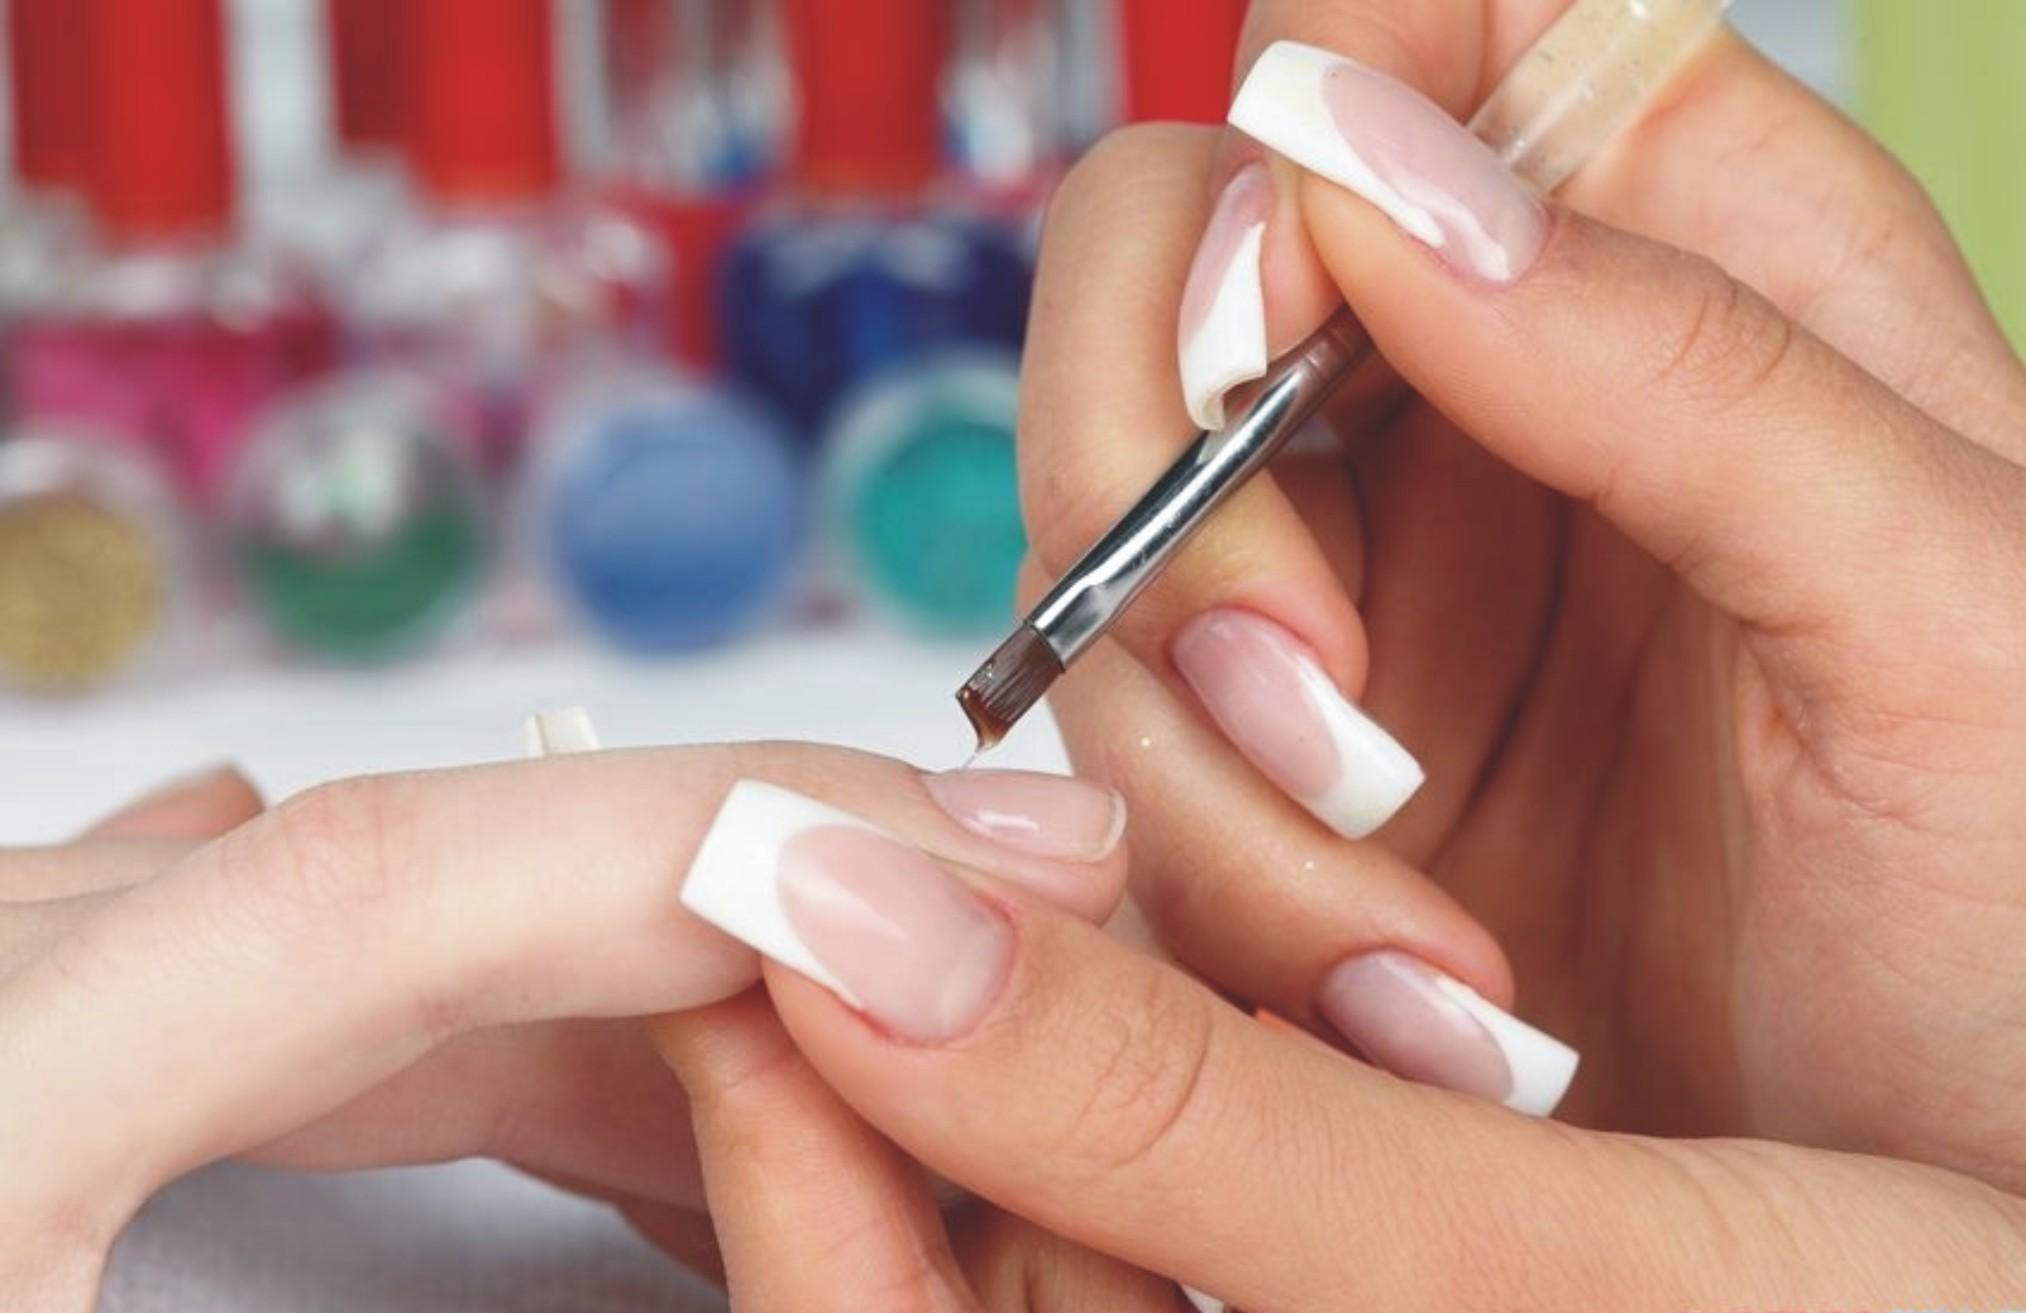 Моделирование ногтей гелем: все тонкости наращивания ногтей